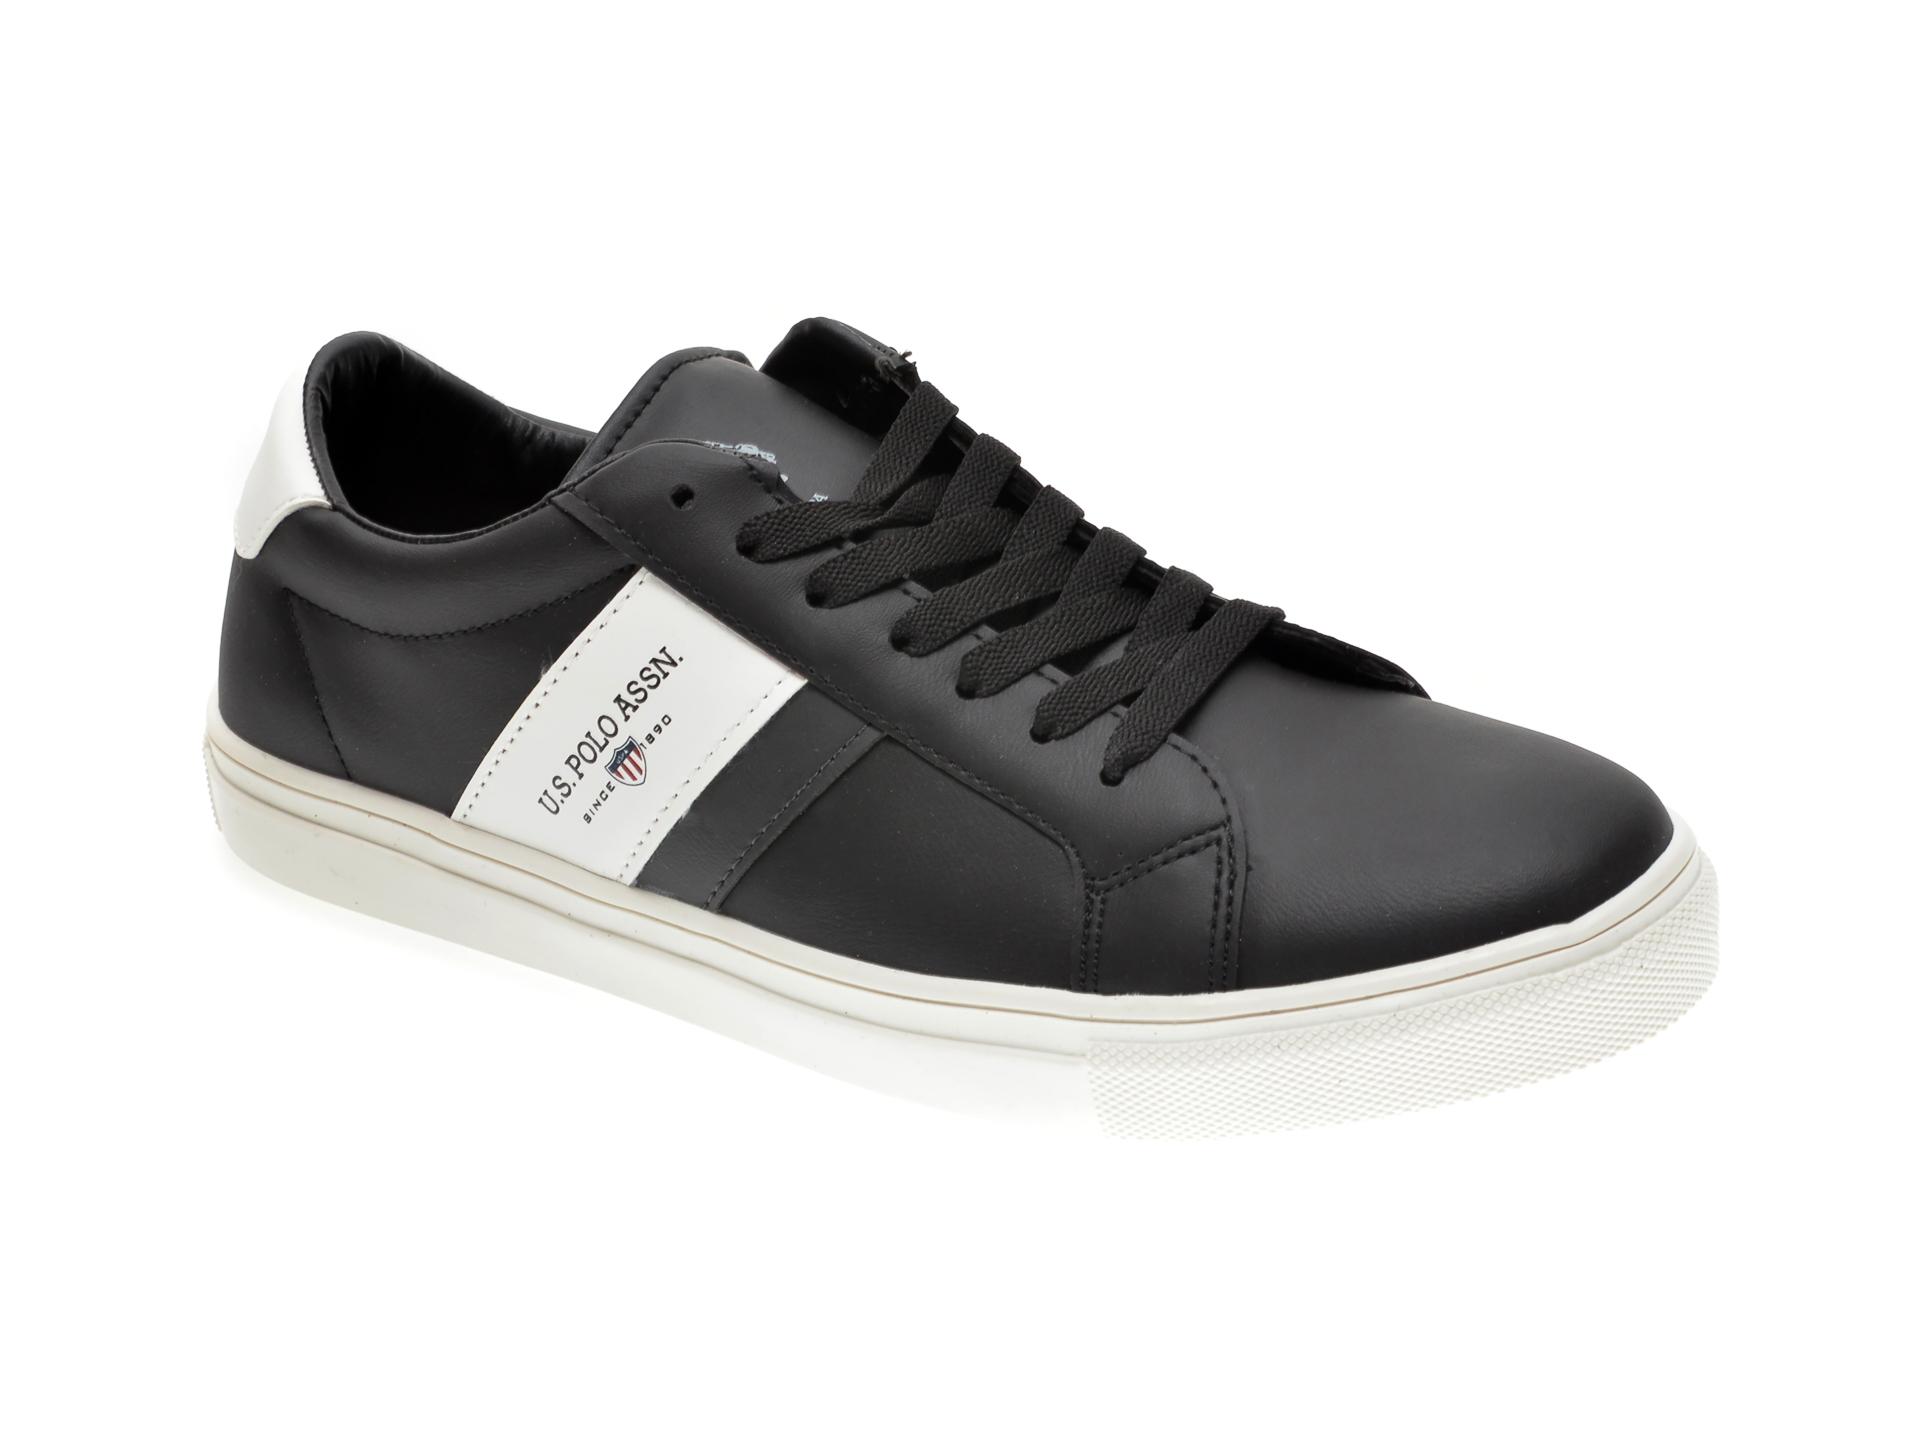 Pantofi sport US POLO ASSN negri, 420359, din piele ecologica imagine